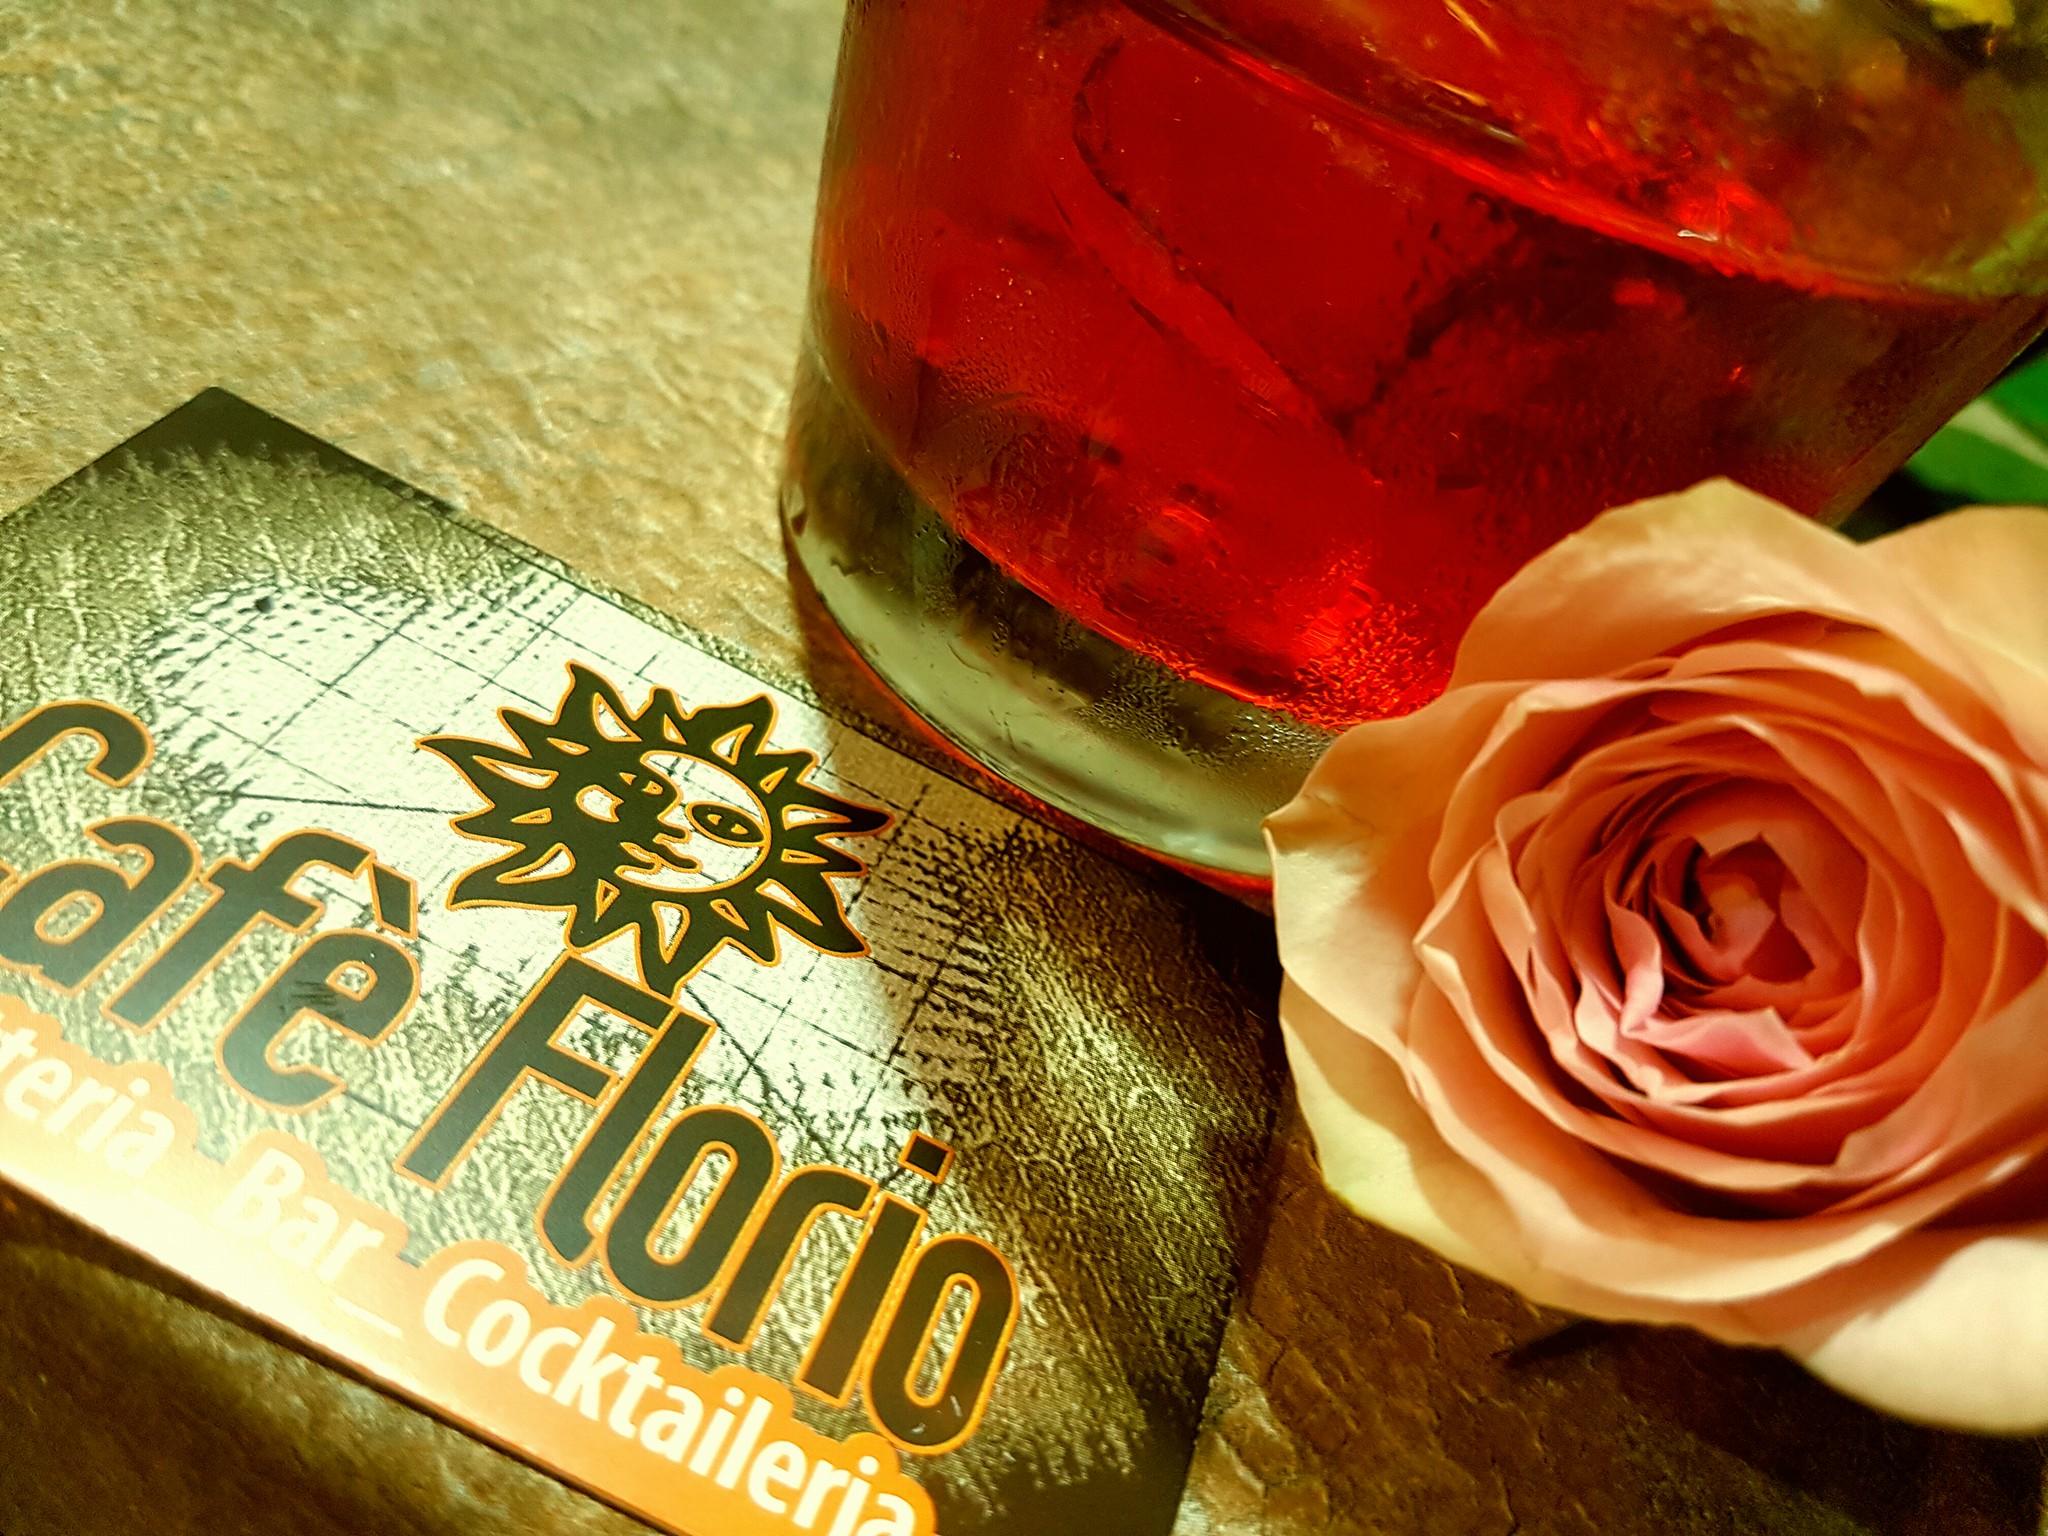 Cafè Florio